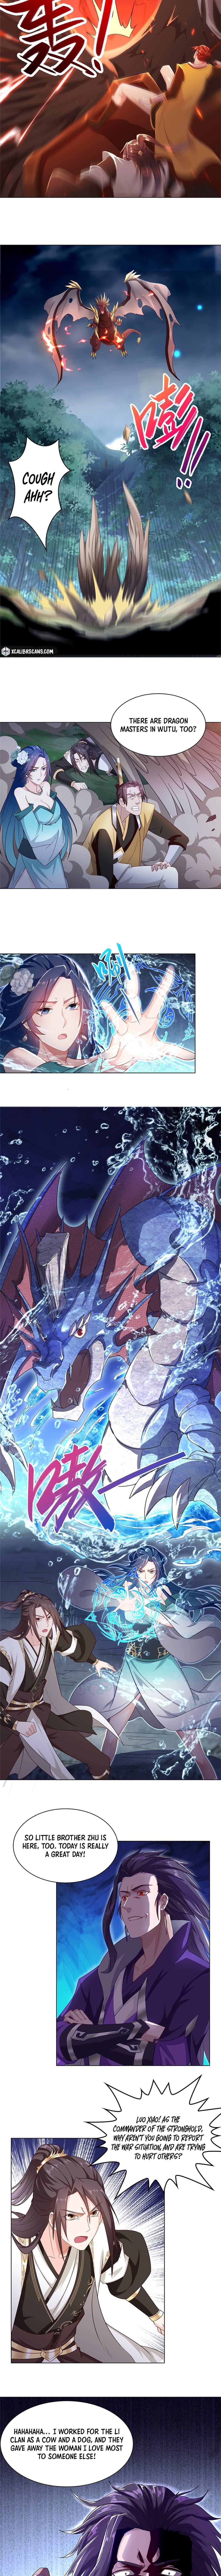 Dragon Master Chapter 17 page 4 - Mangakakalots.com